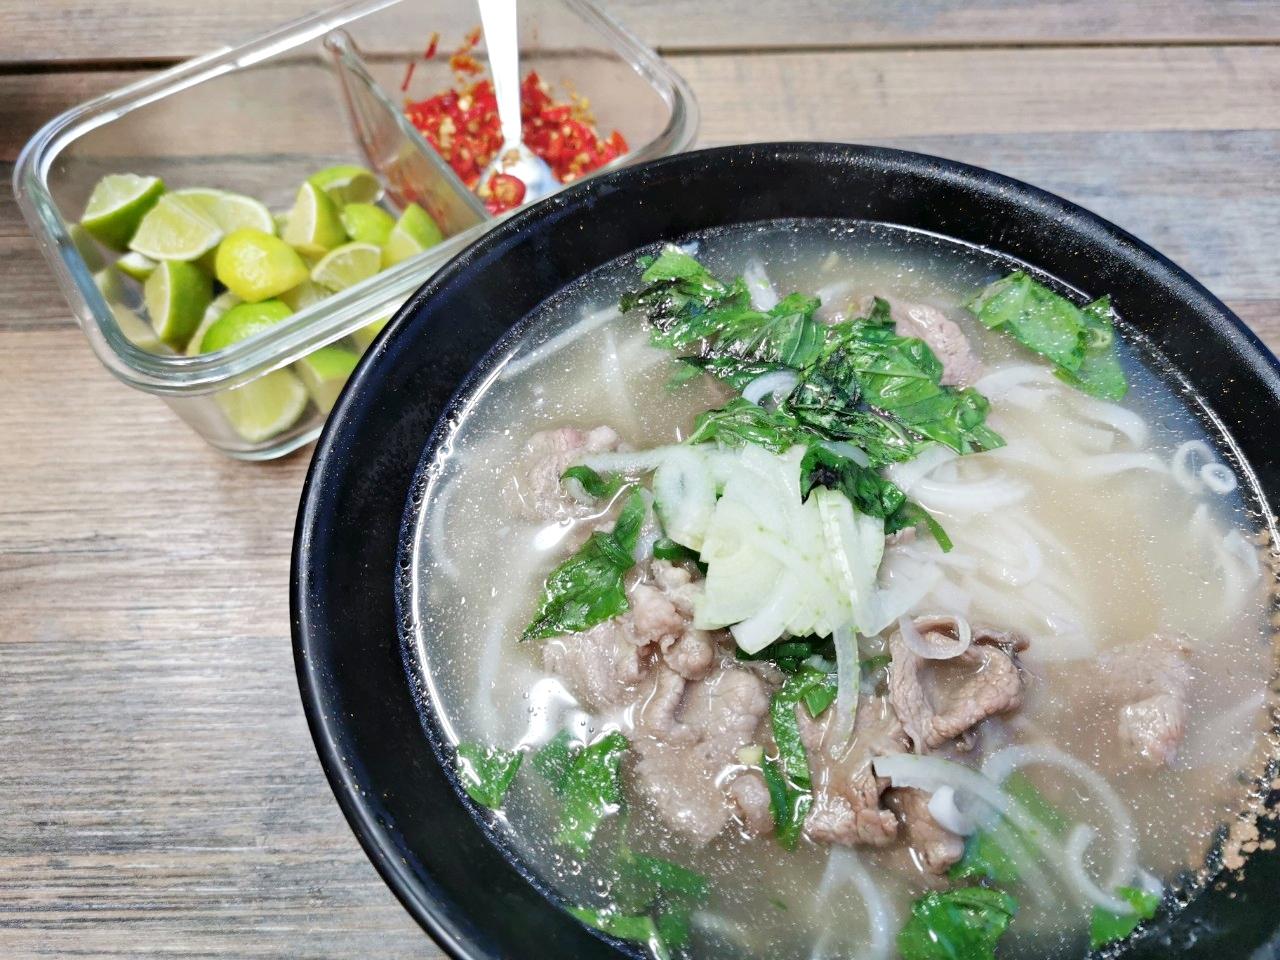 大直美食:越南美食裡也有賣台式排骨飯、雞腿飯和焢肉飯(附菜單)